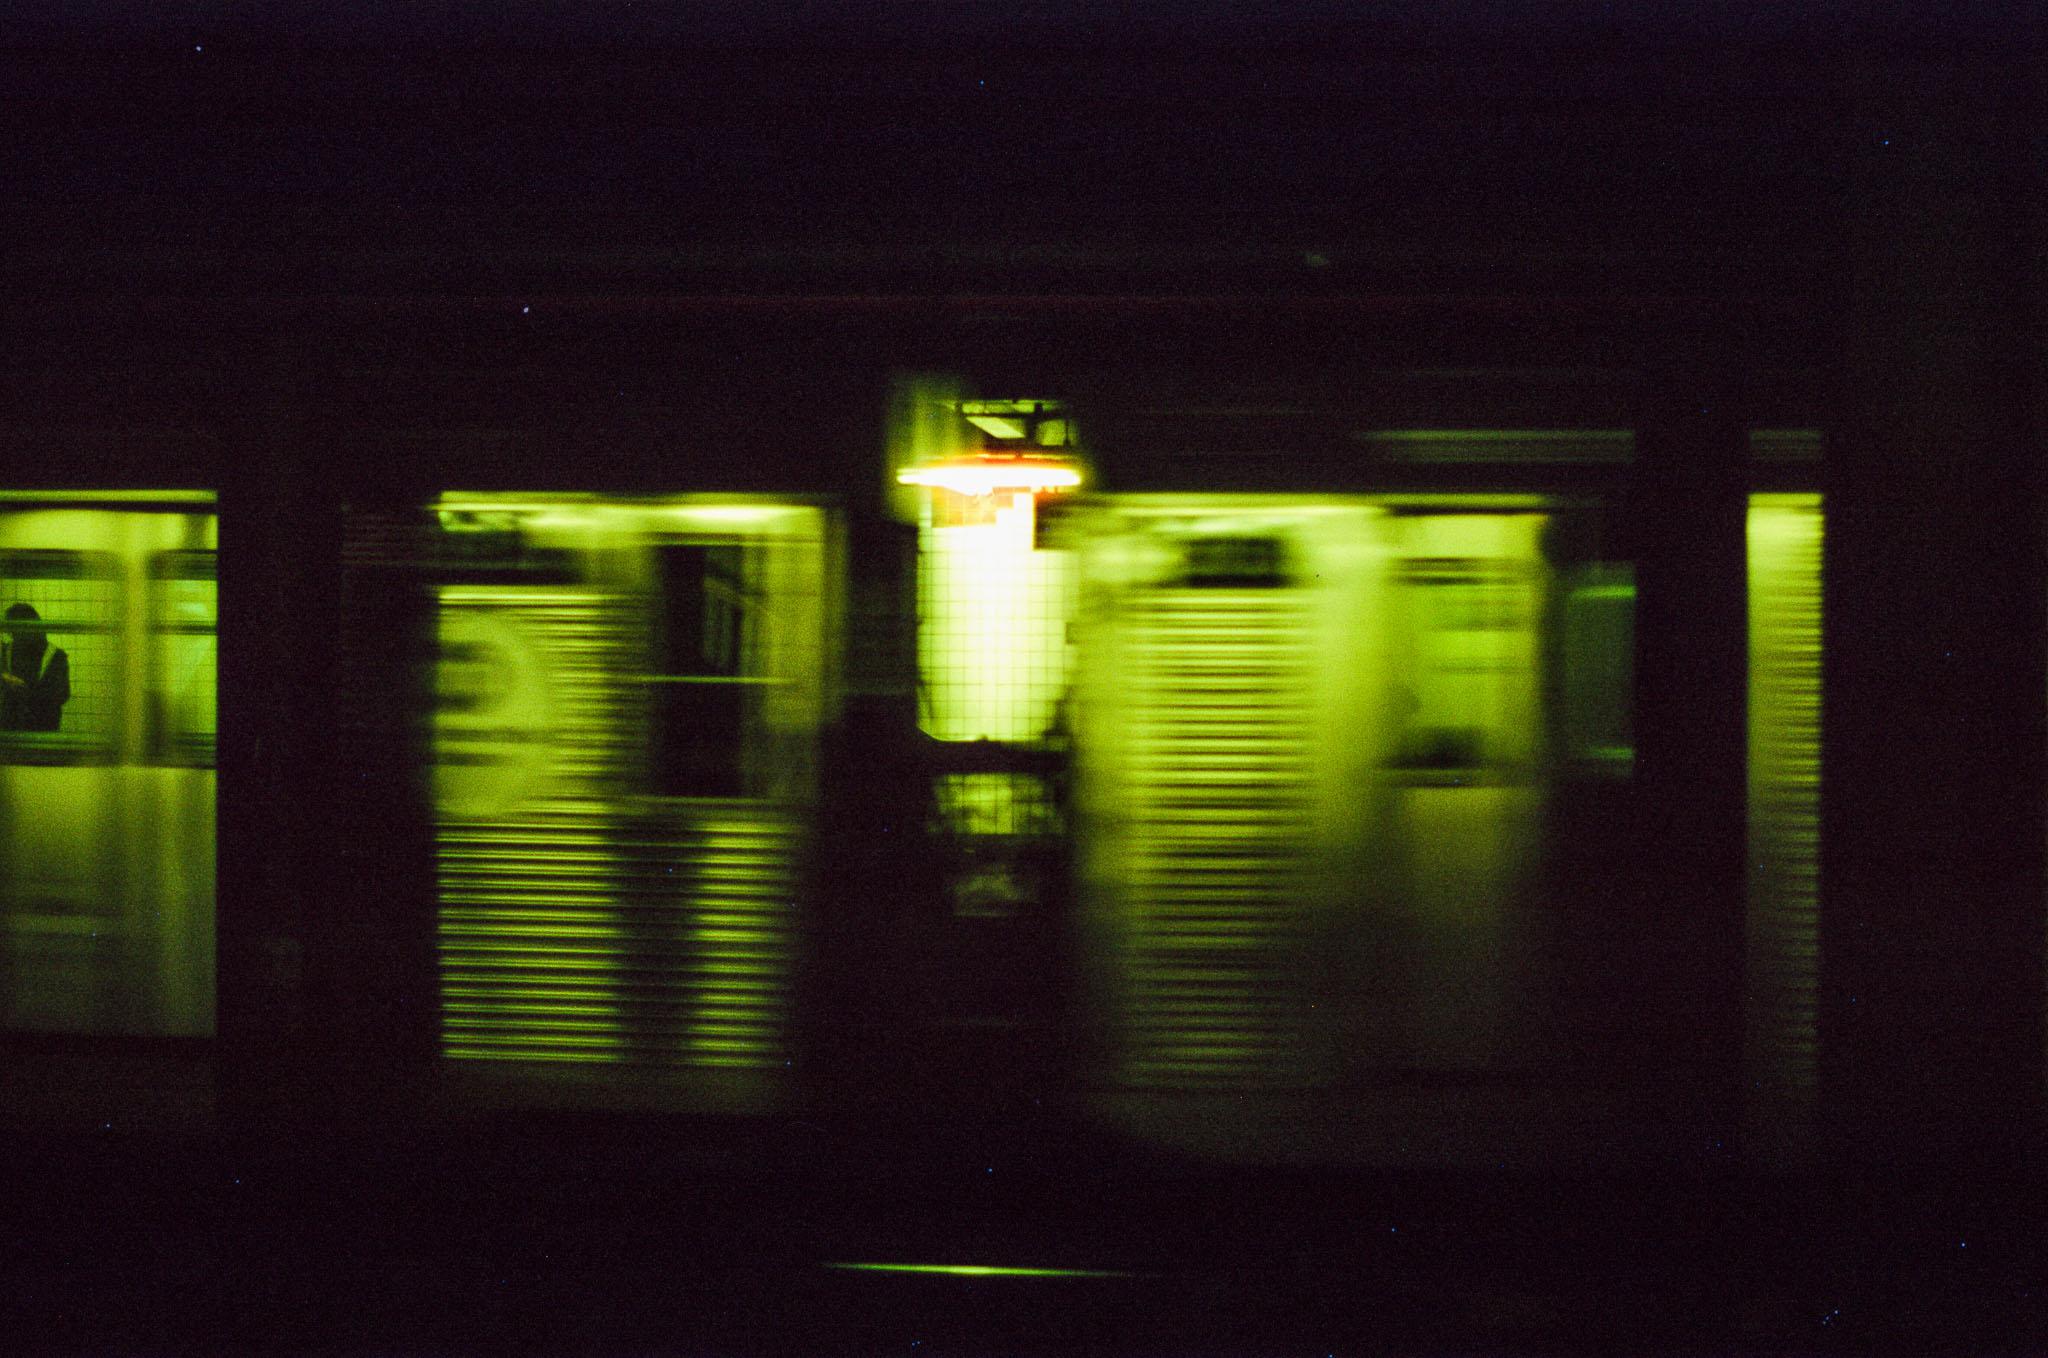 New-york-city-subway.jpg